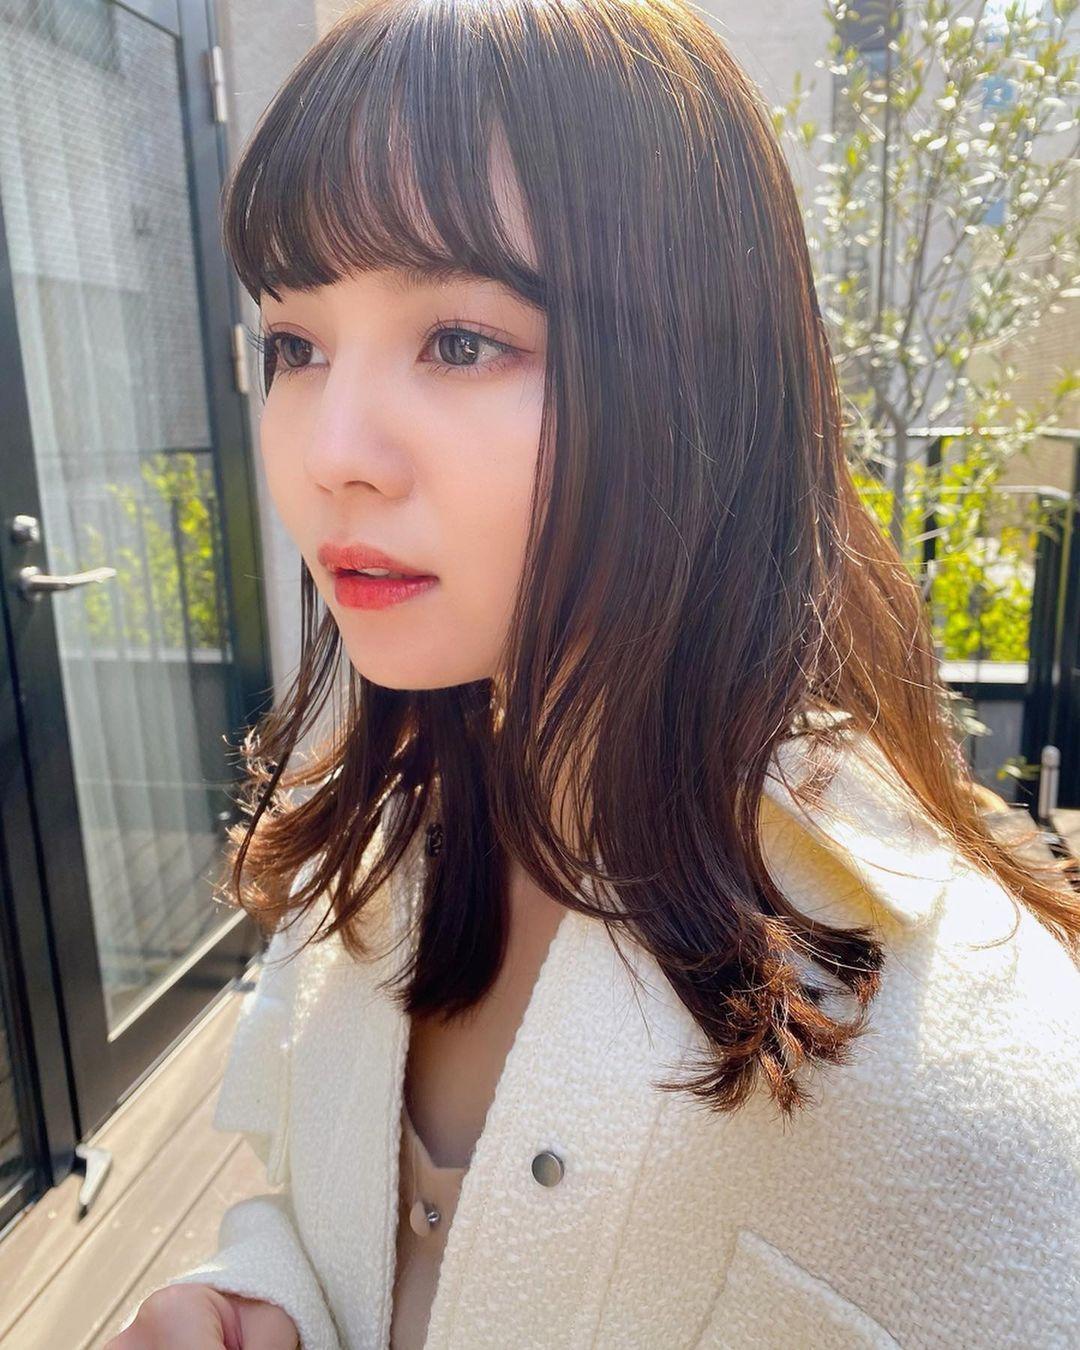 崛北真希妹妹NANAMI新生代清纯女 网络美女 第15张